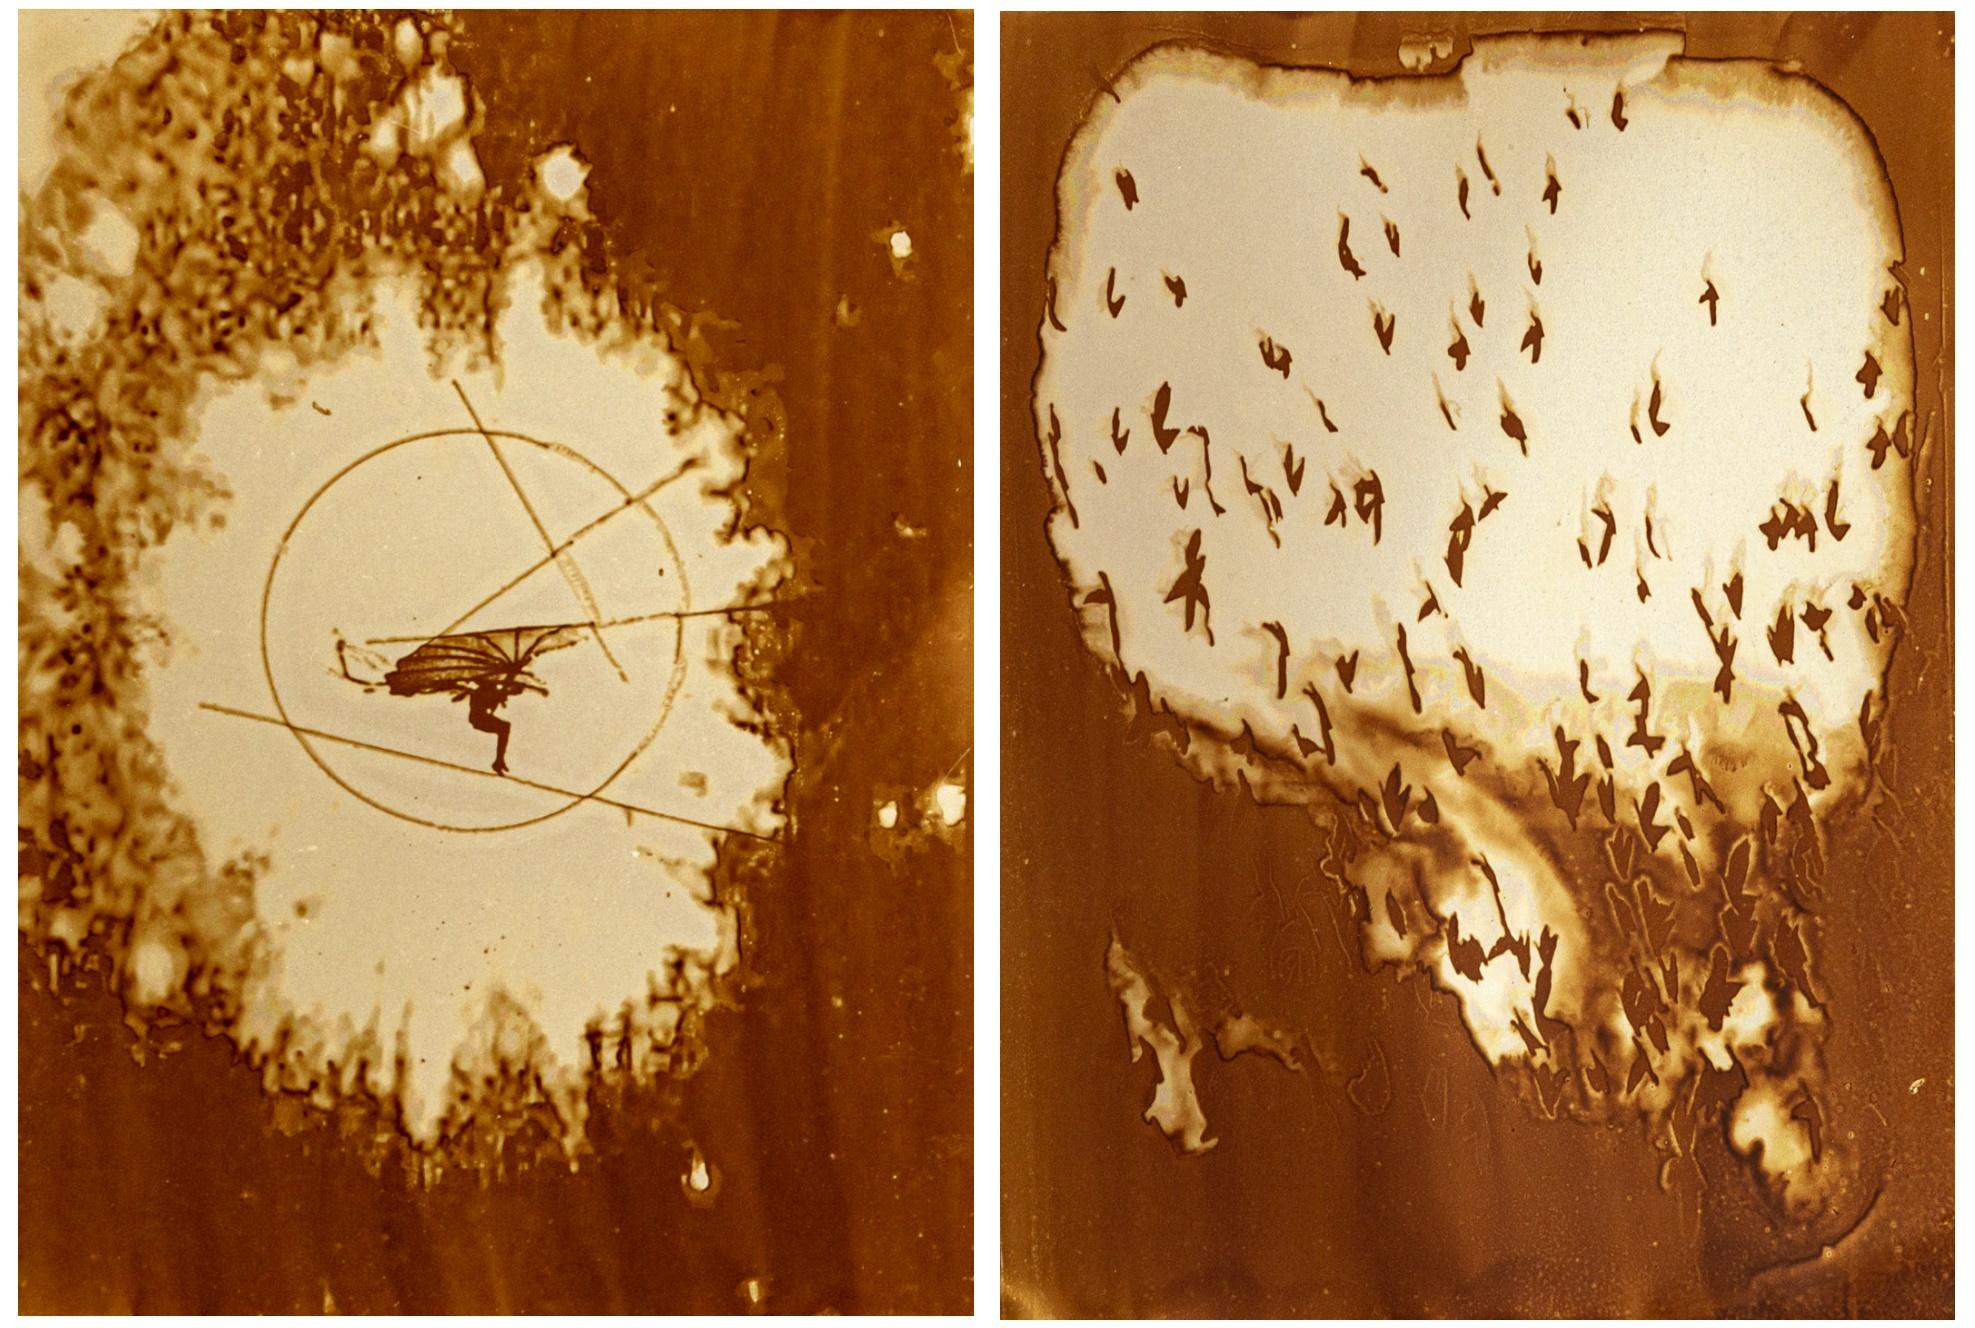 Heliographie, I-Bird, 2019 2x20x27cm (Passepartout 60x80cm) Metal Plate, Lavender Oil, Bitume de Judée